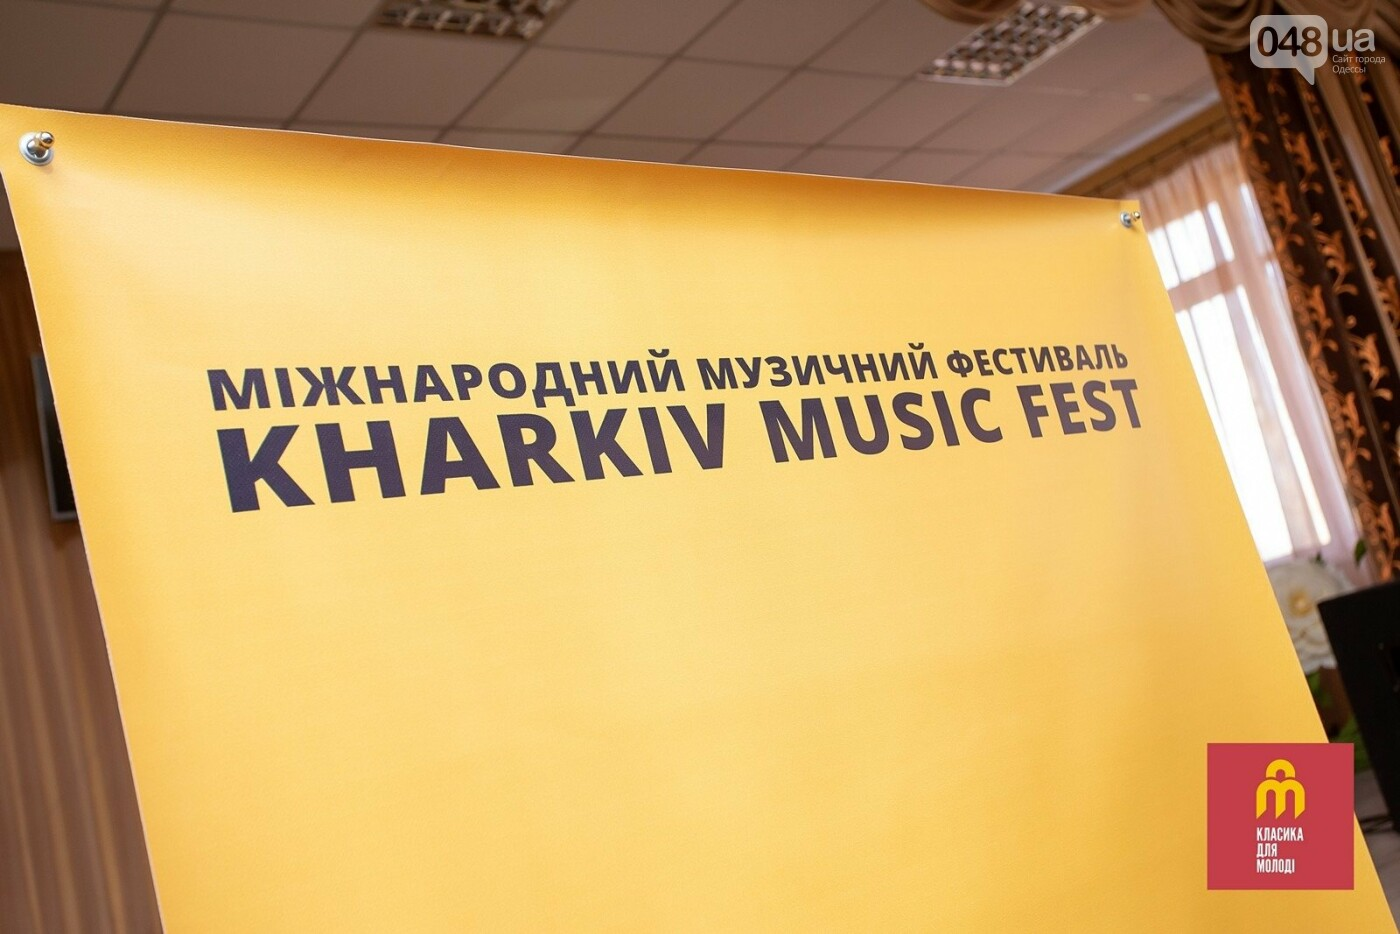 Как в Украине отметят 250-летний юбилей Людвига ван Бетховена, фото-3